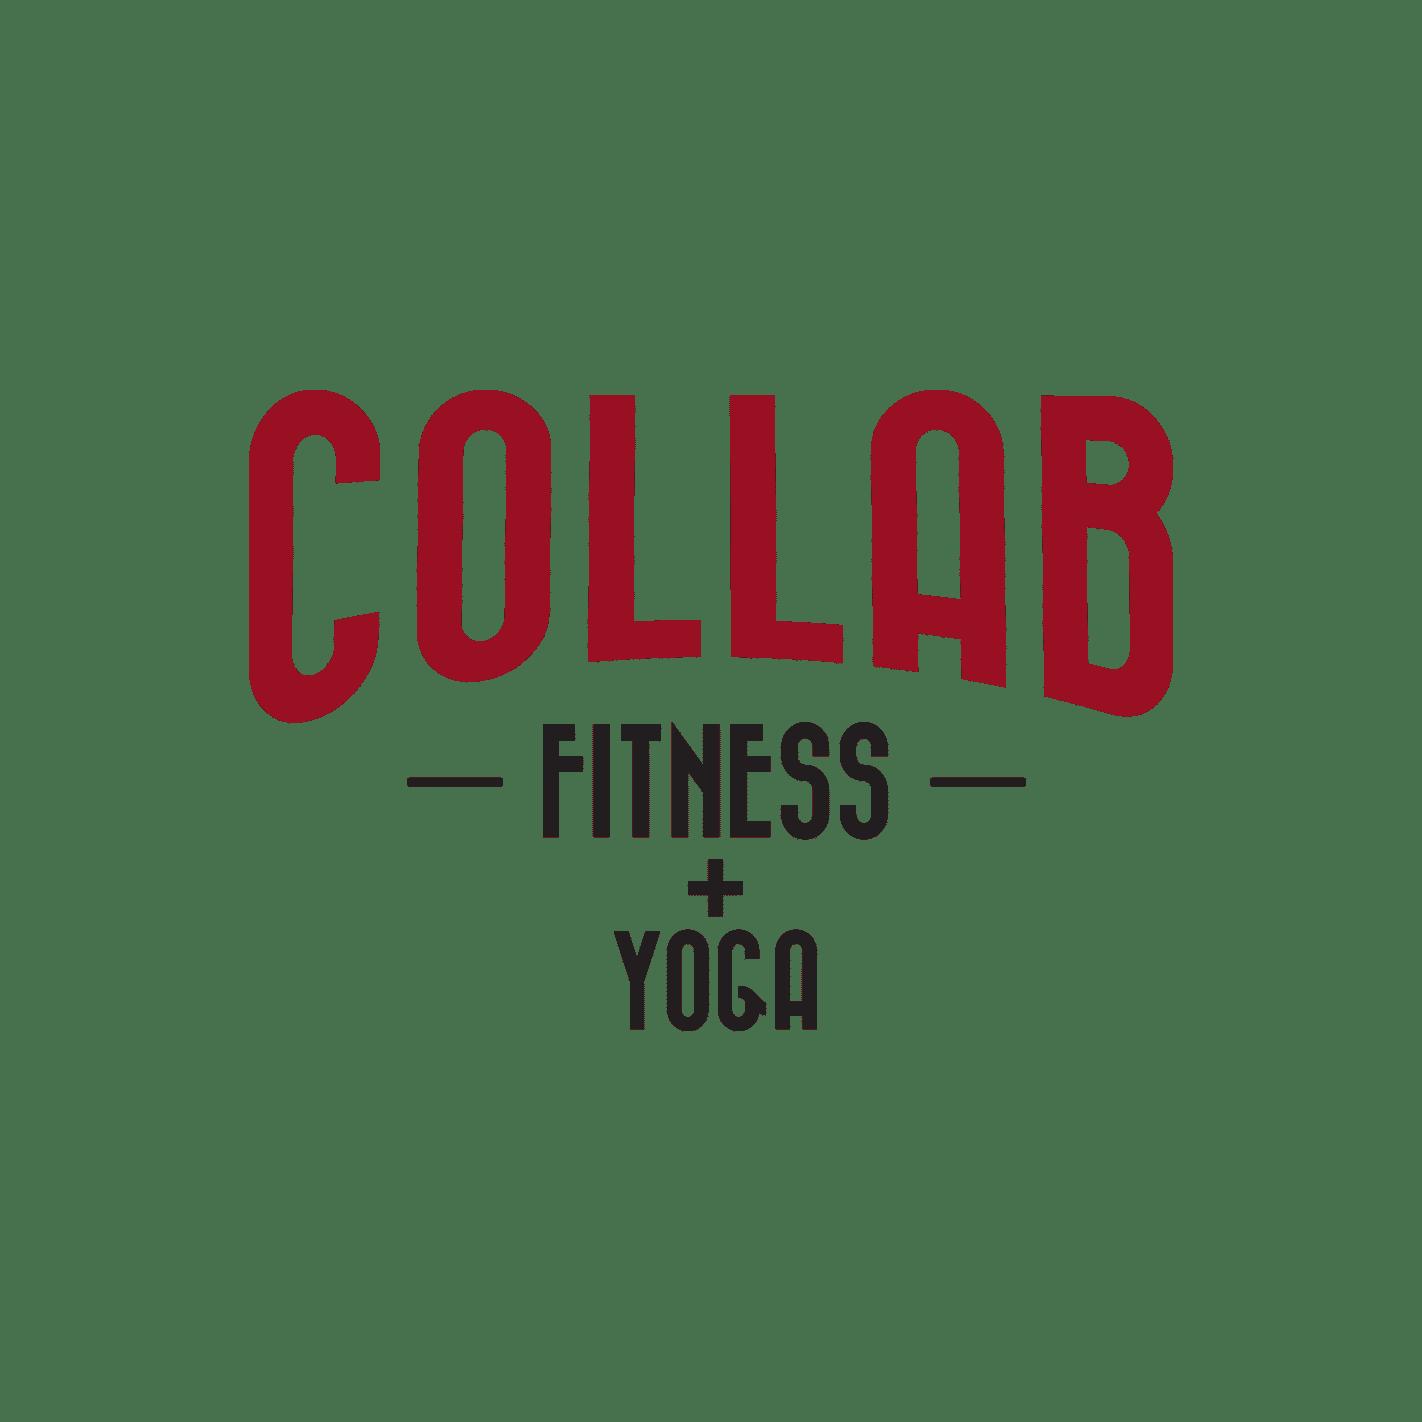 CollabFitness + Yoga